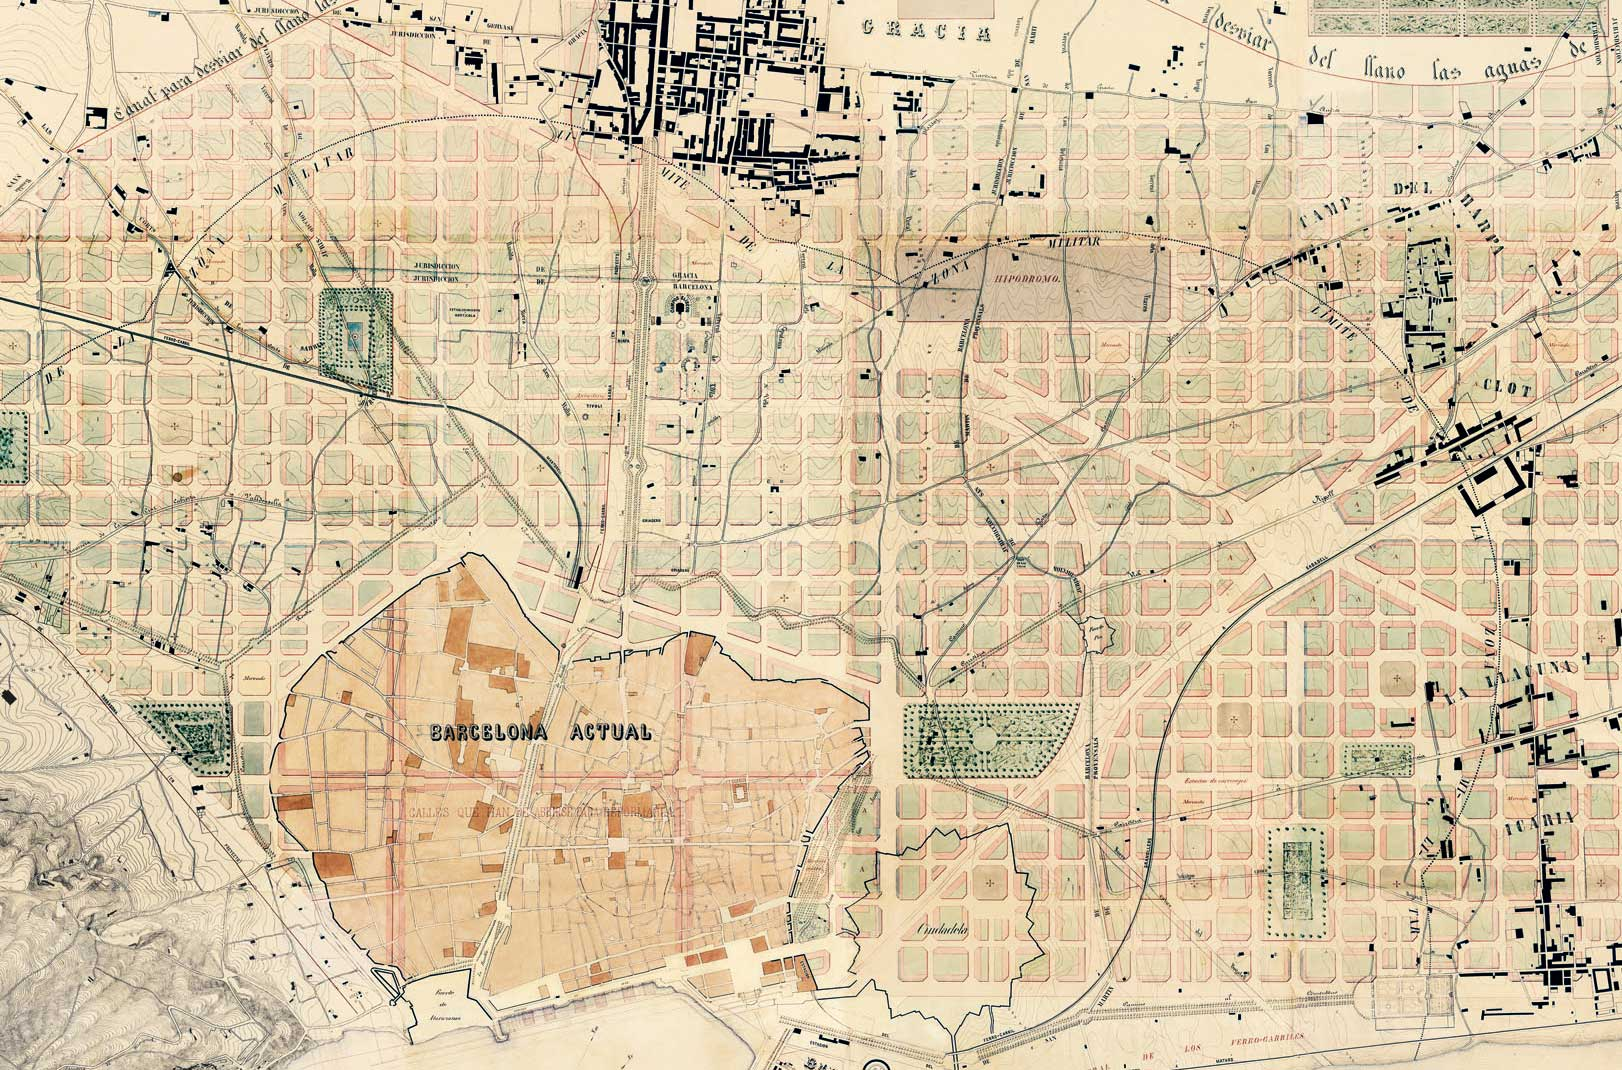 Barcelona in 1859